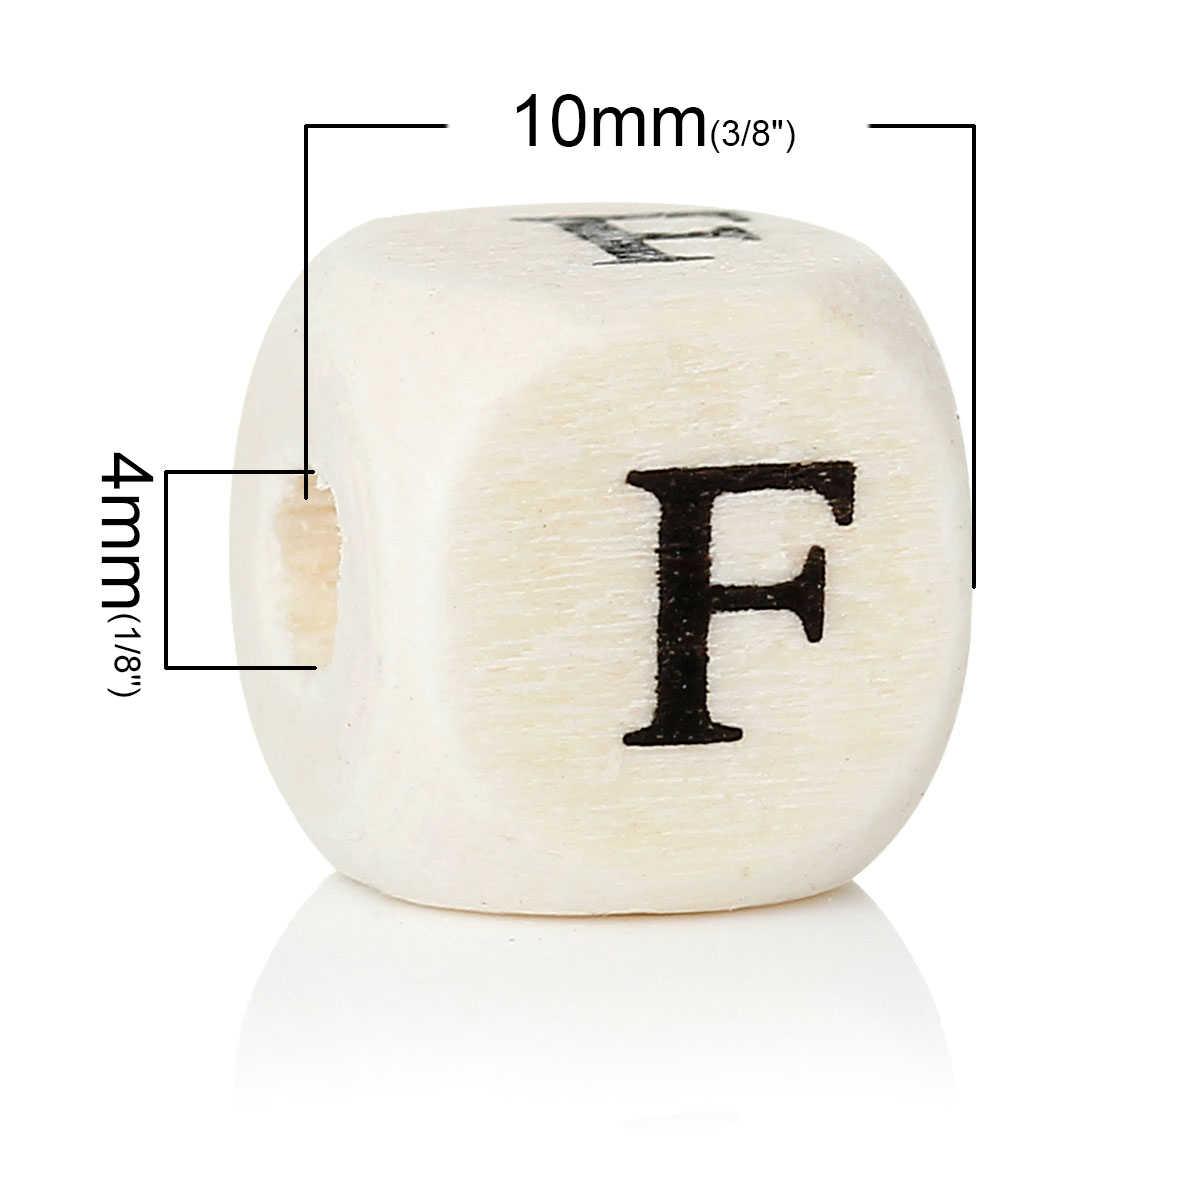 """DoreenBeads ウッドスペーサービーズキューブナチュラル文字パターン約 10 ミリメートル (3/8 """") × 10 ミリメートル (3/8 """") 、穴: 約 4 ミリメートル、 30 ピース"""